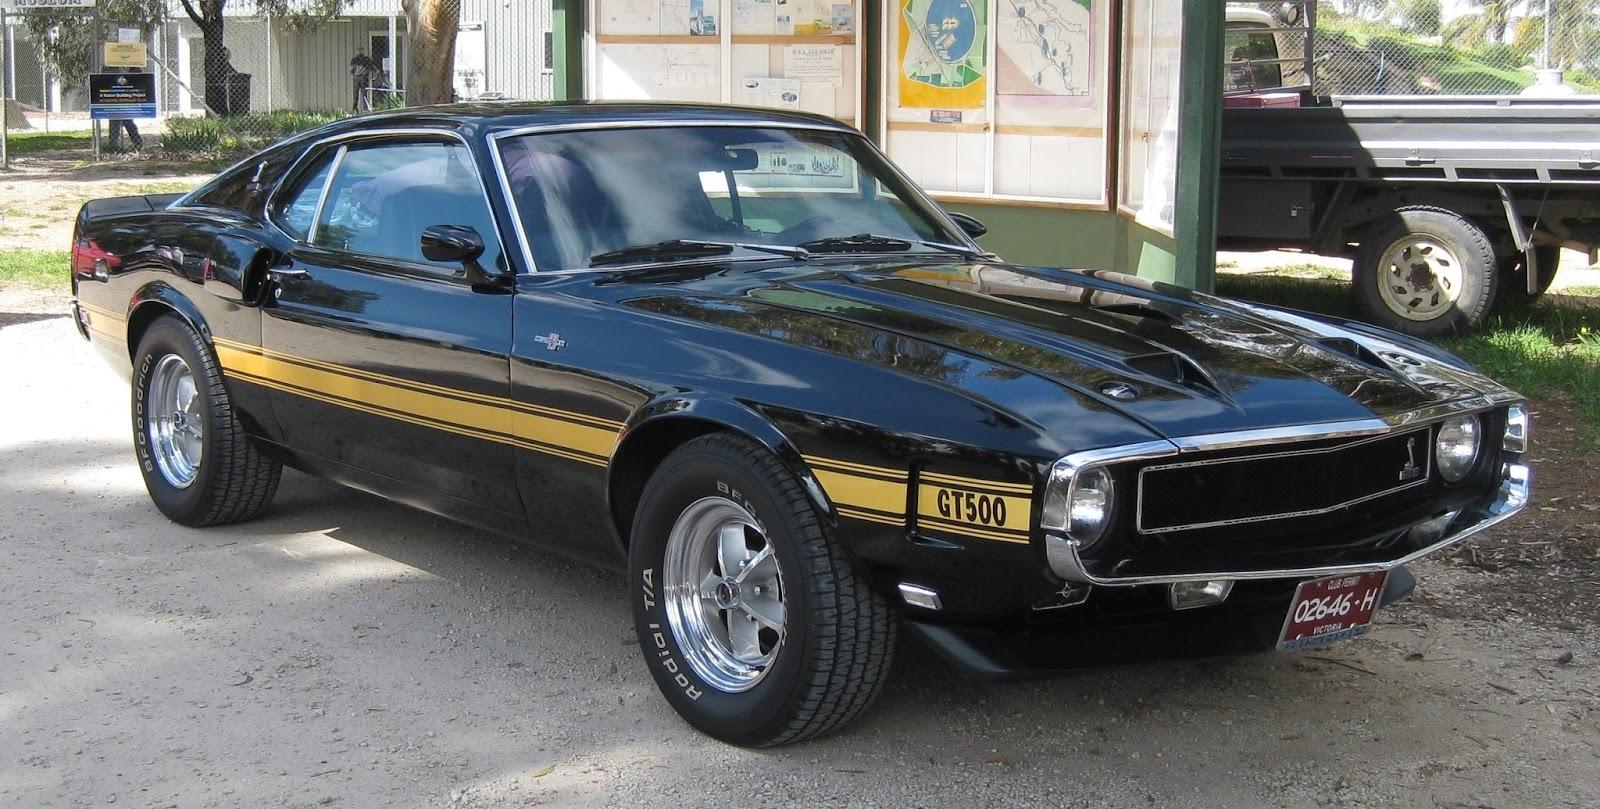 Kuda besi yang diproduksi ford motor company antara tahun 1969 1970 ini menjadi bintang pada eranya karena jenis sedan ford mustang ini diminati untuk arena